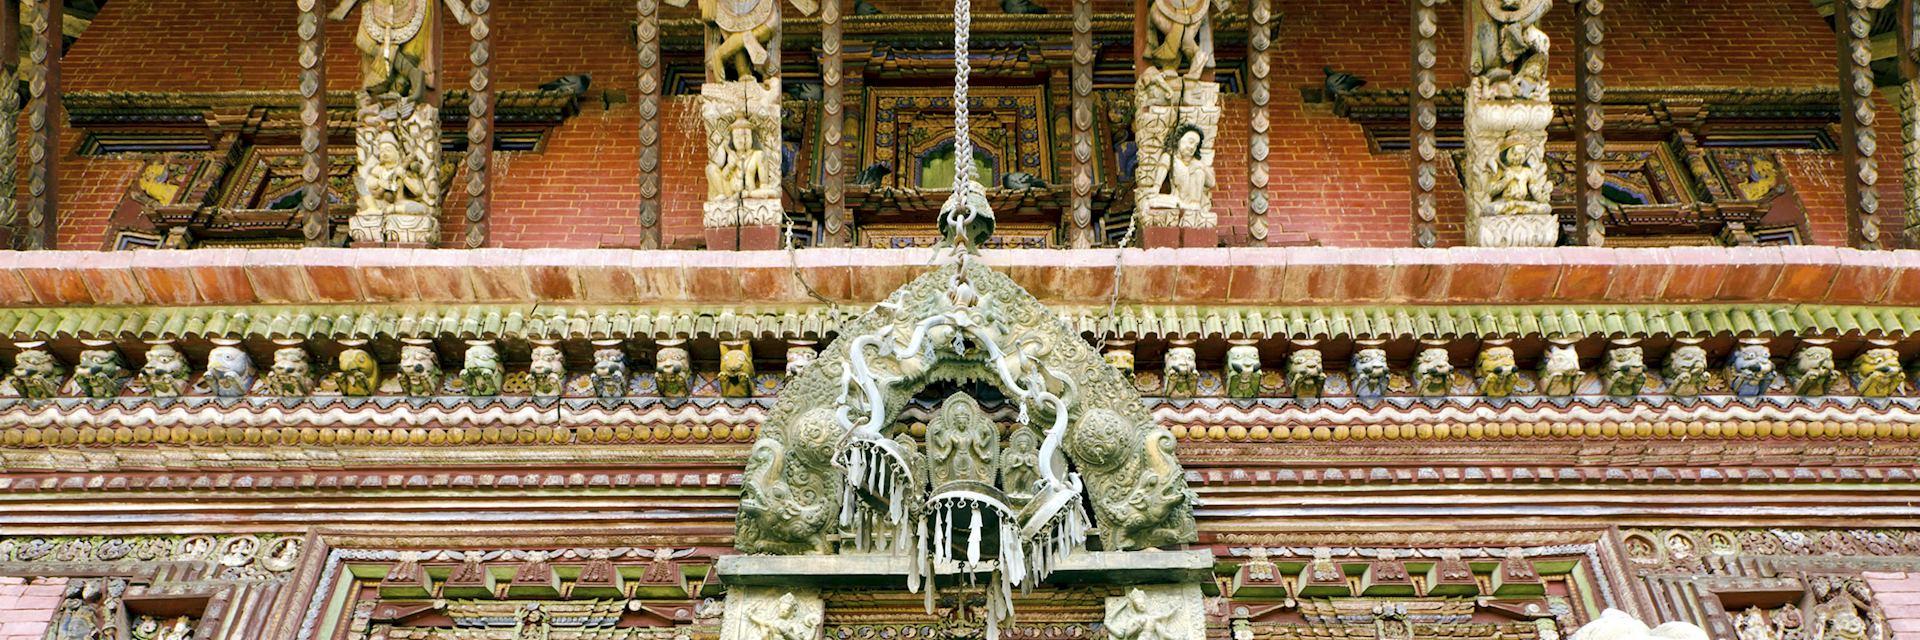 Changu Narayan Temple, Bhaktapur